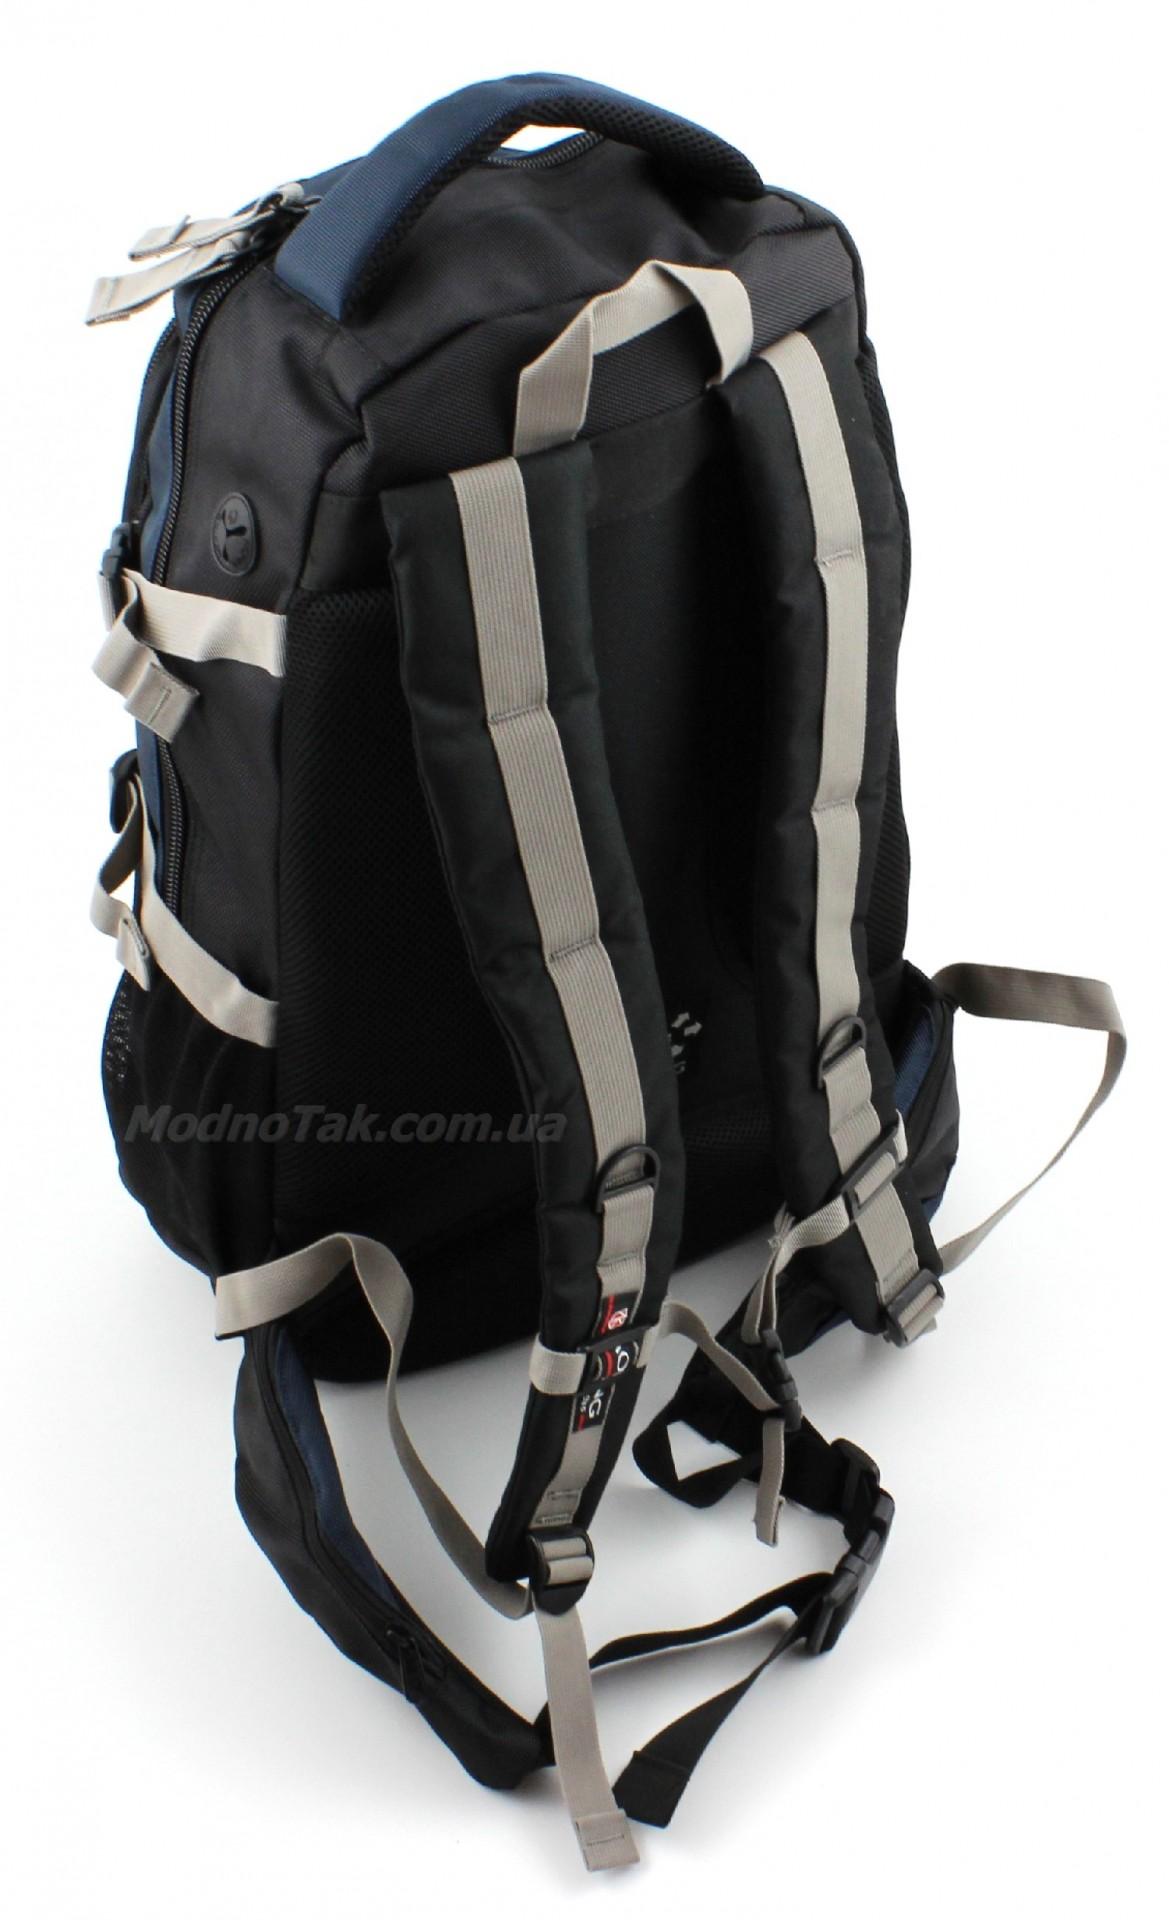 Какой рюкзак выбрать для путешествий по городу рюкзак походный на 120 литров